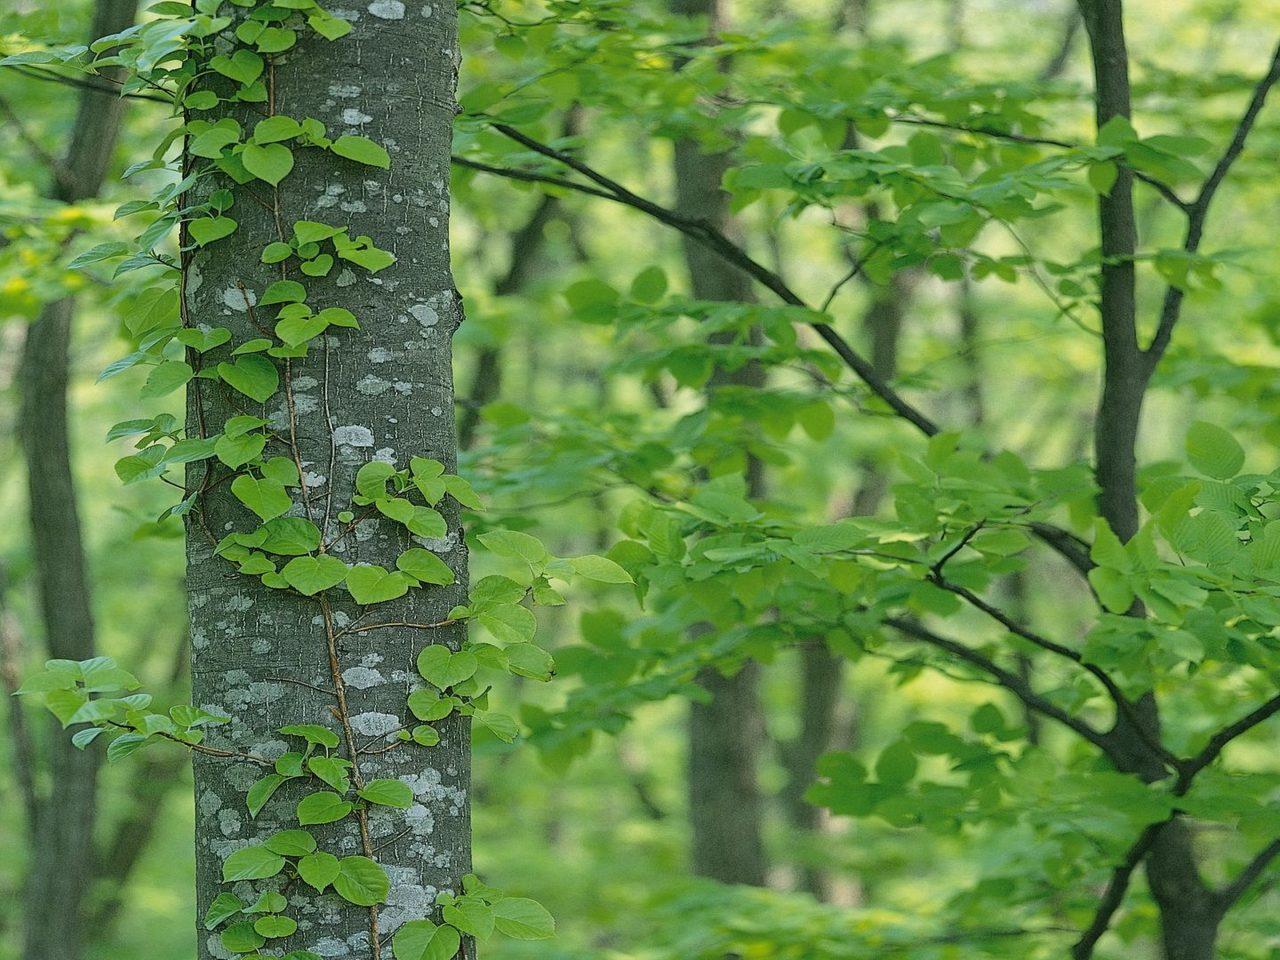 Purple Iphone 5 Wallpaper Green Tree Wallpaper 4k Hd Wallpaper Background